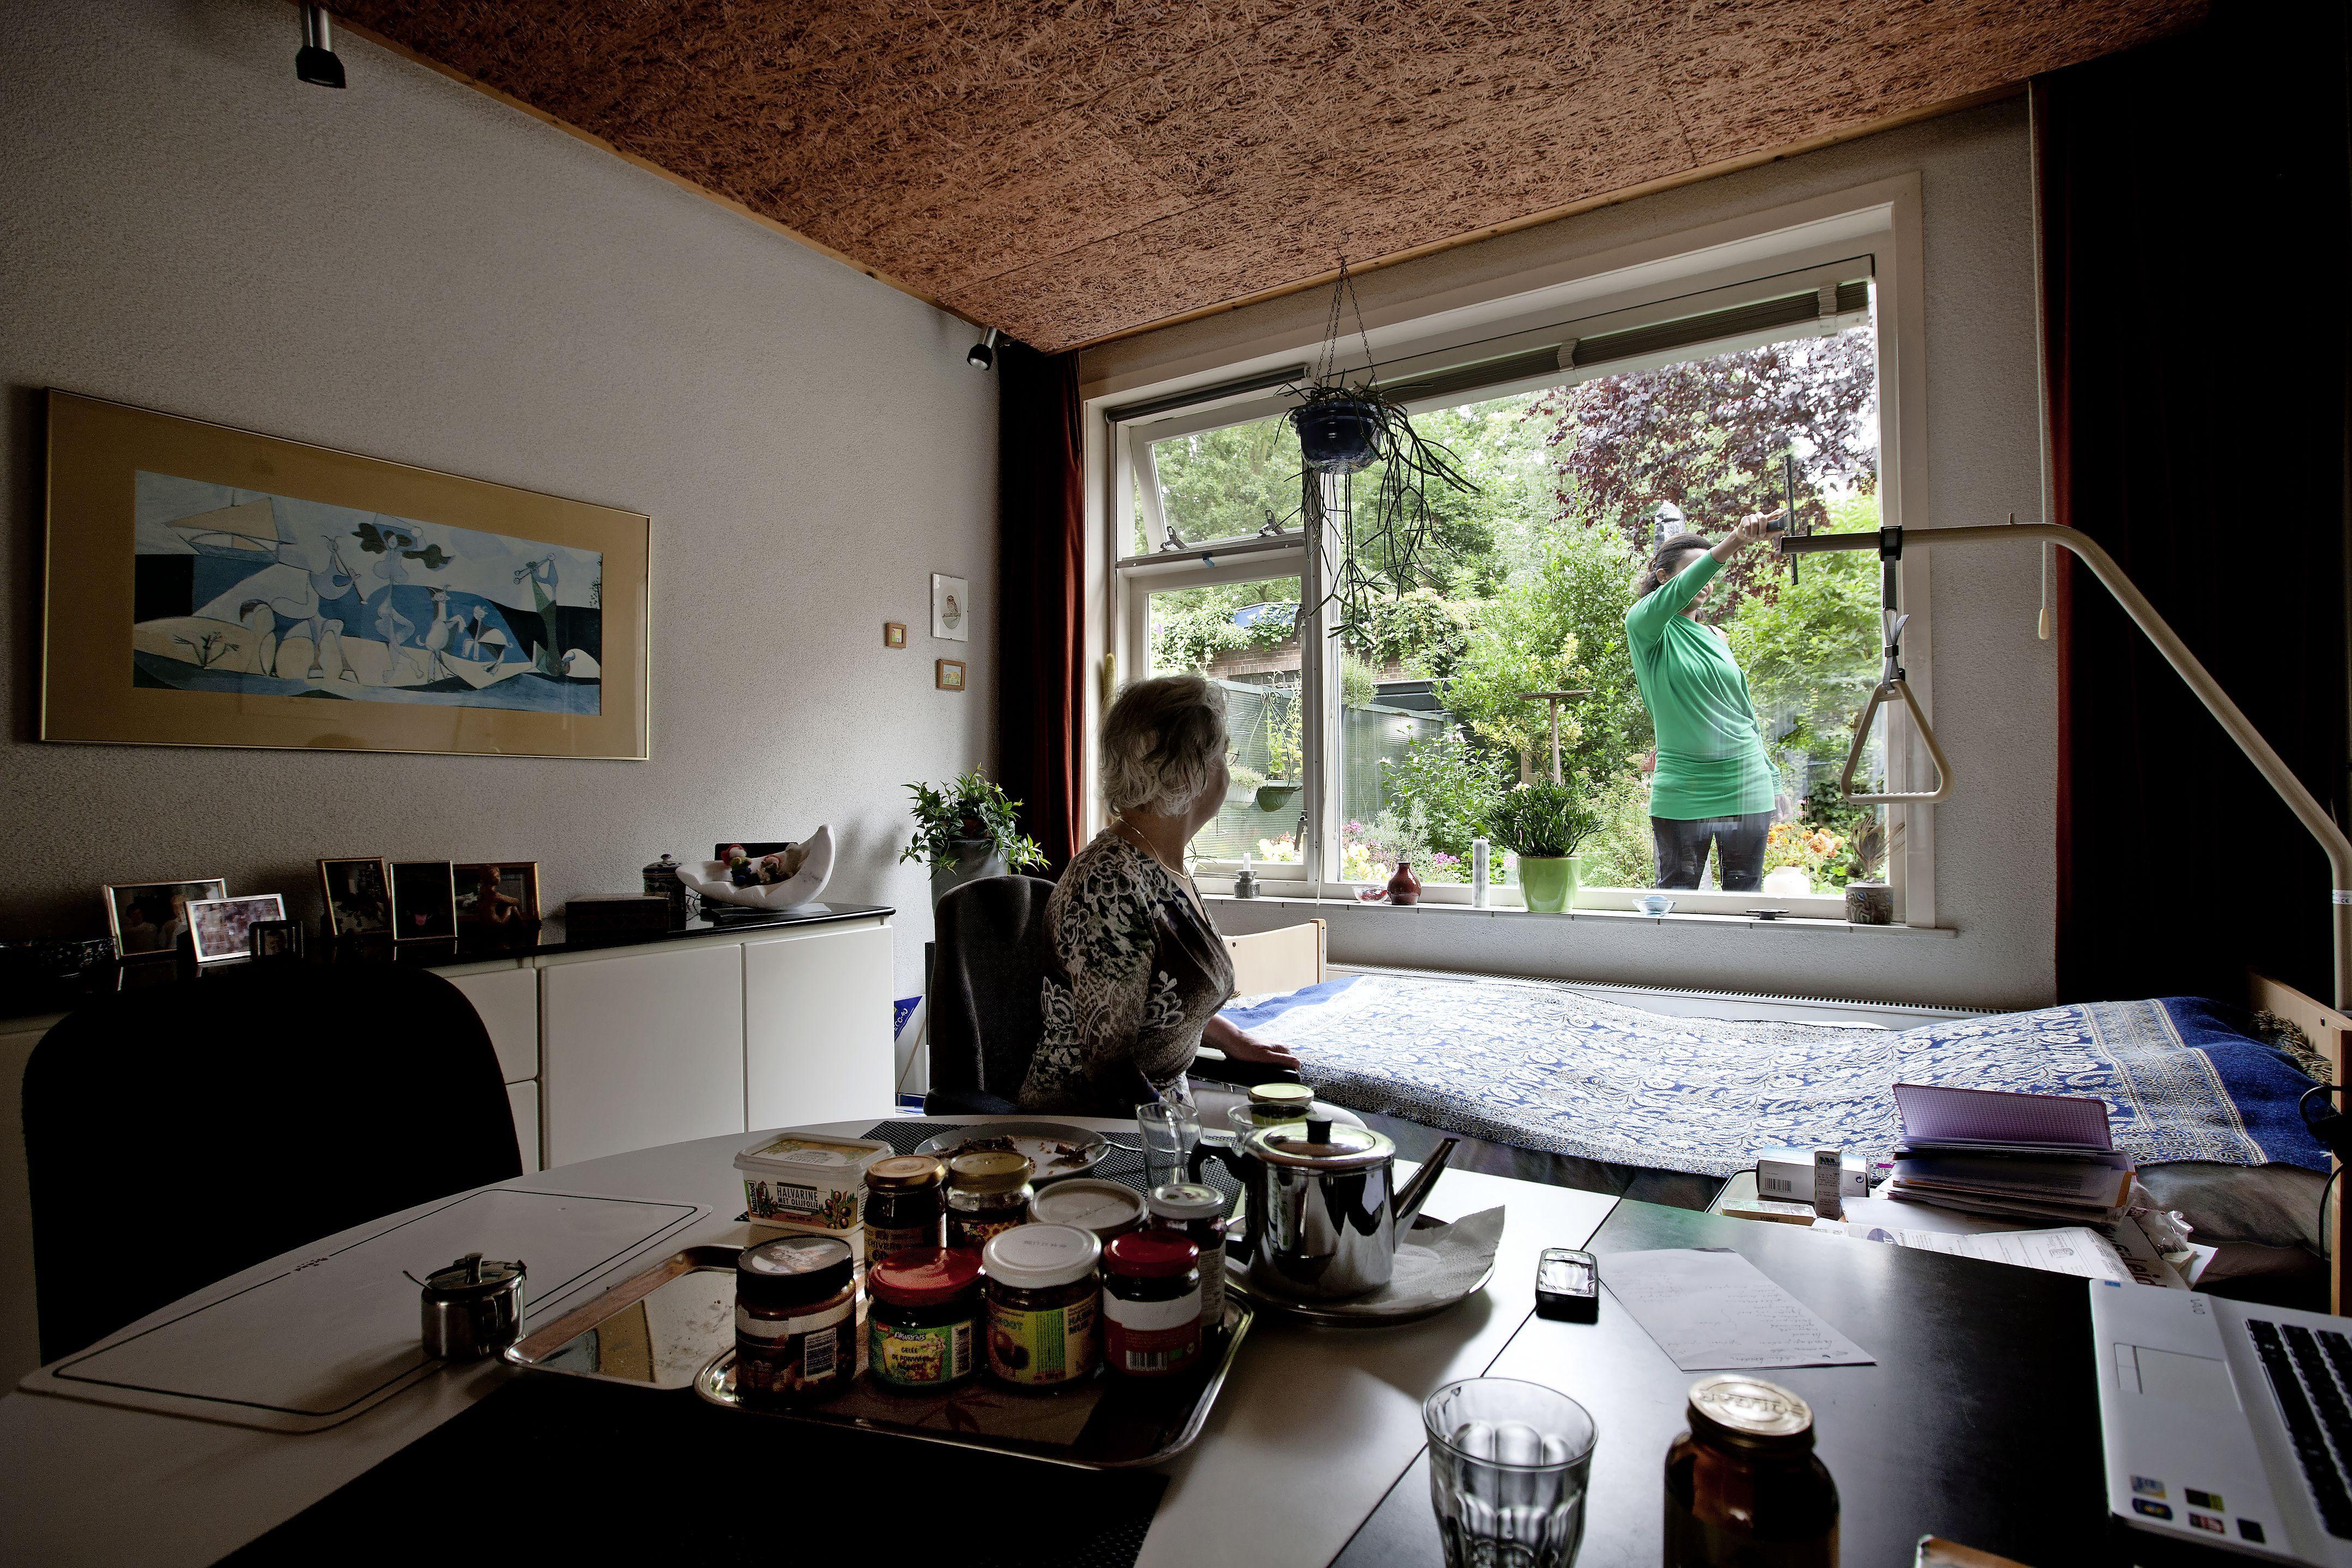 Goedkope werkster via de gemeente is razend populair: ook de Leidse regio worstelt met de 'schoonmaaksubsidie voor de rijken'